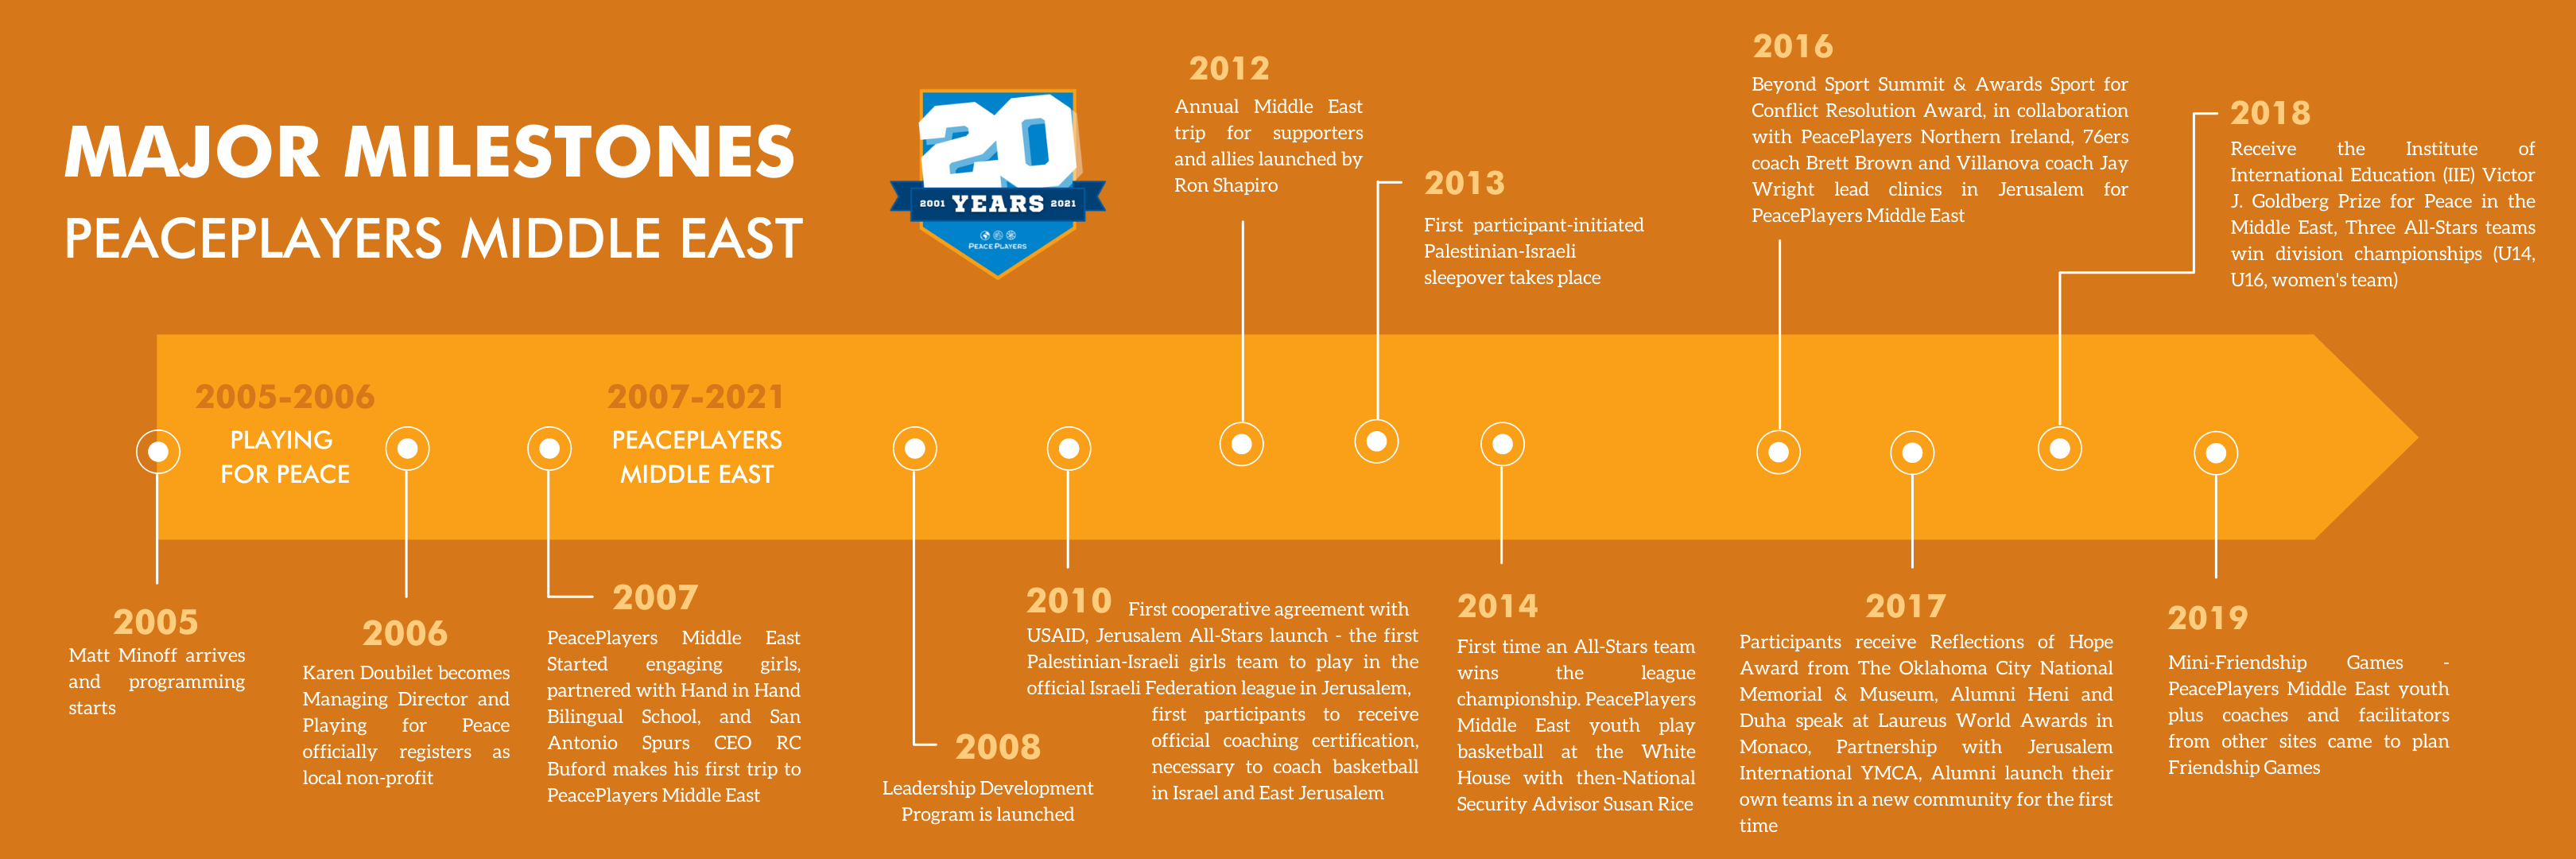 Middle East Major Milestones